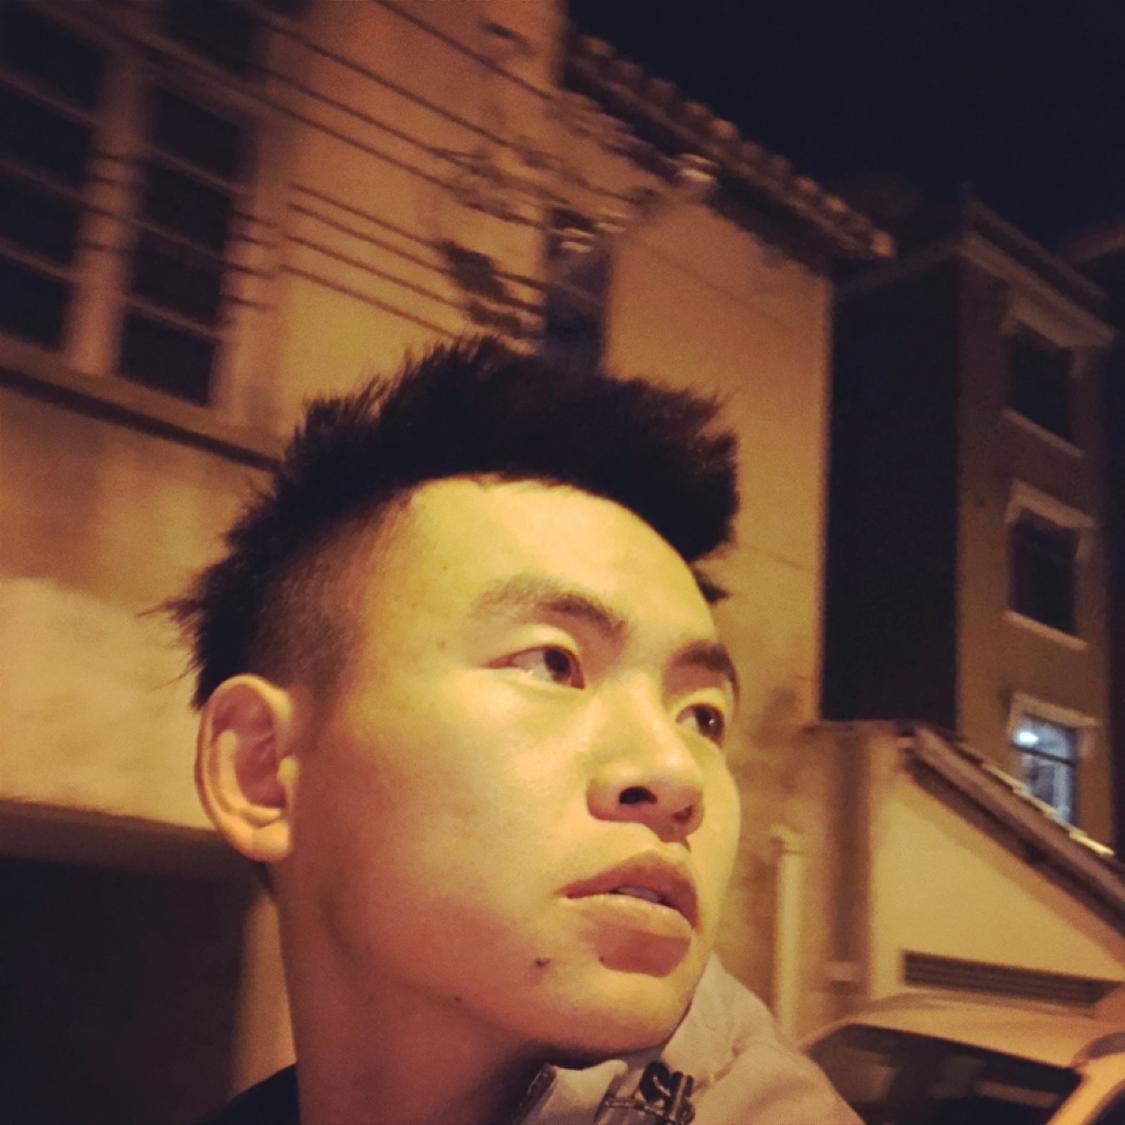 过时扯黑夜的照片